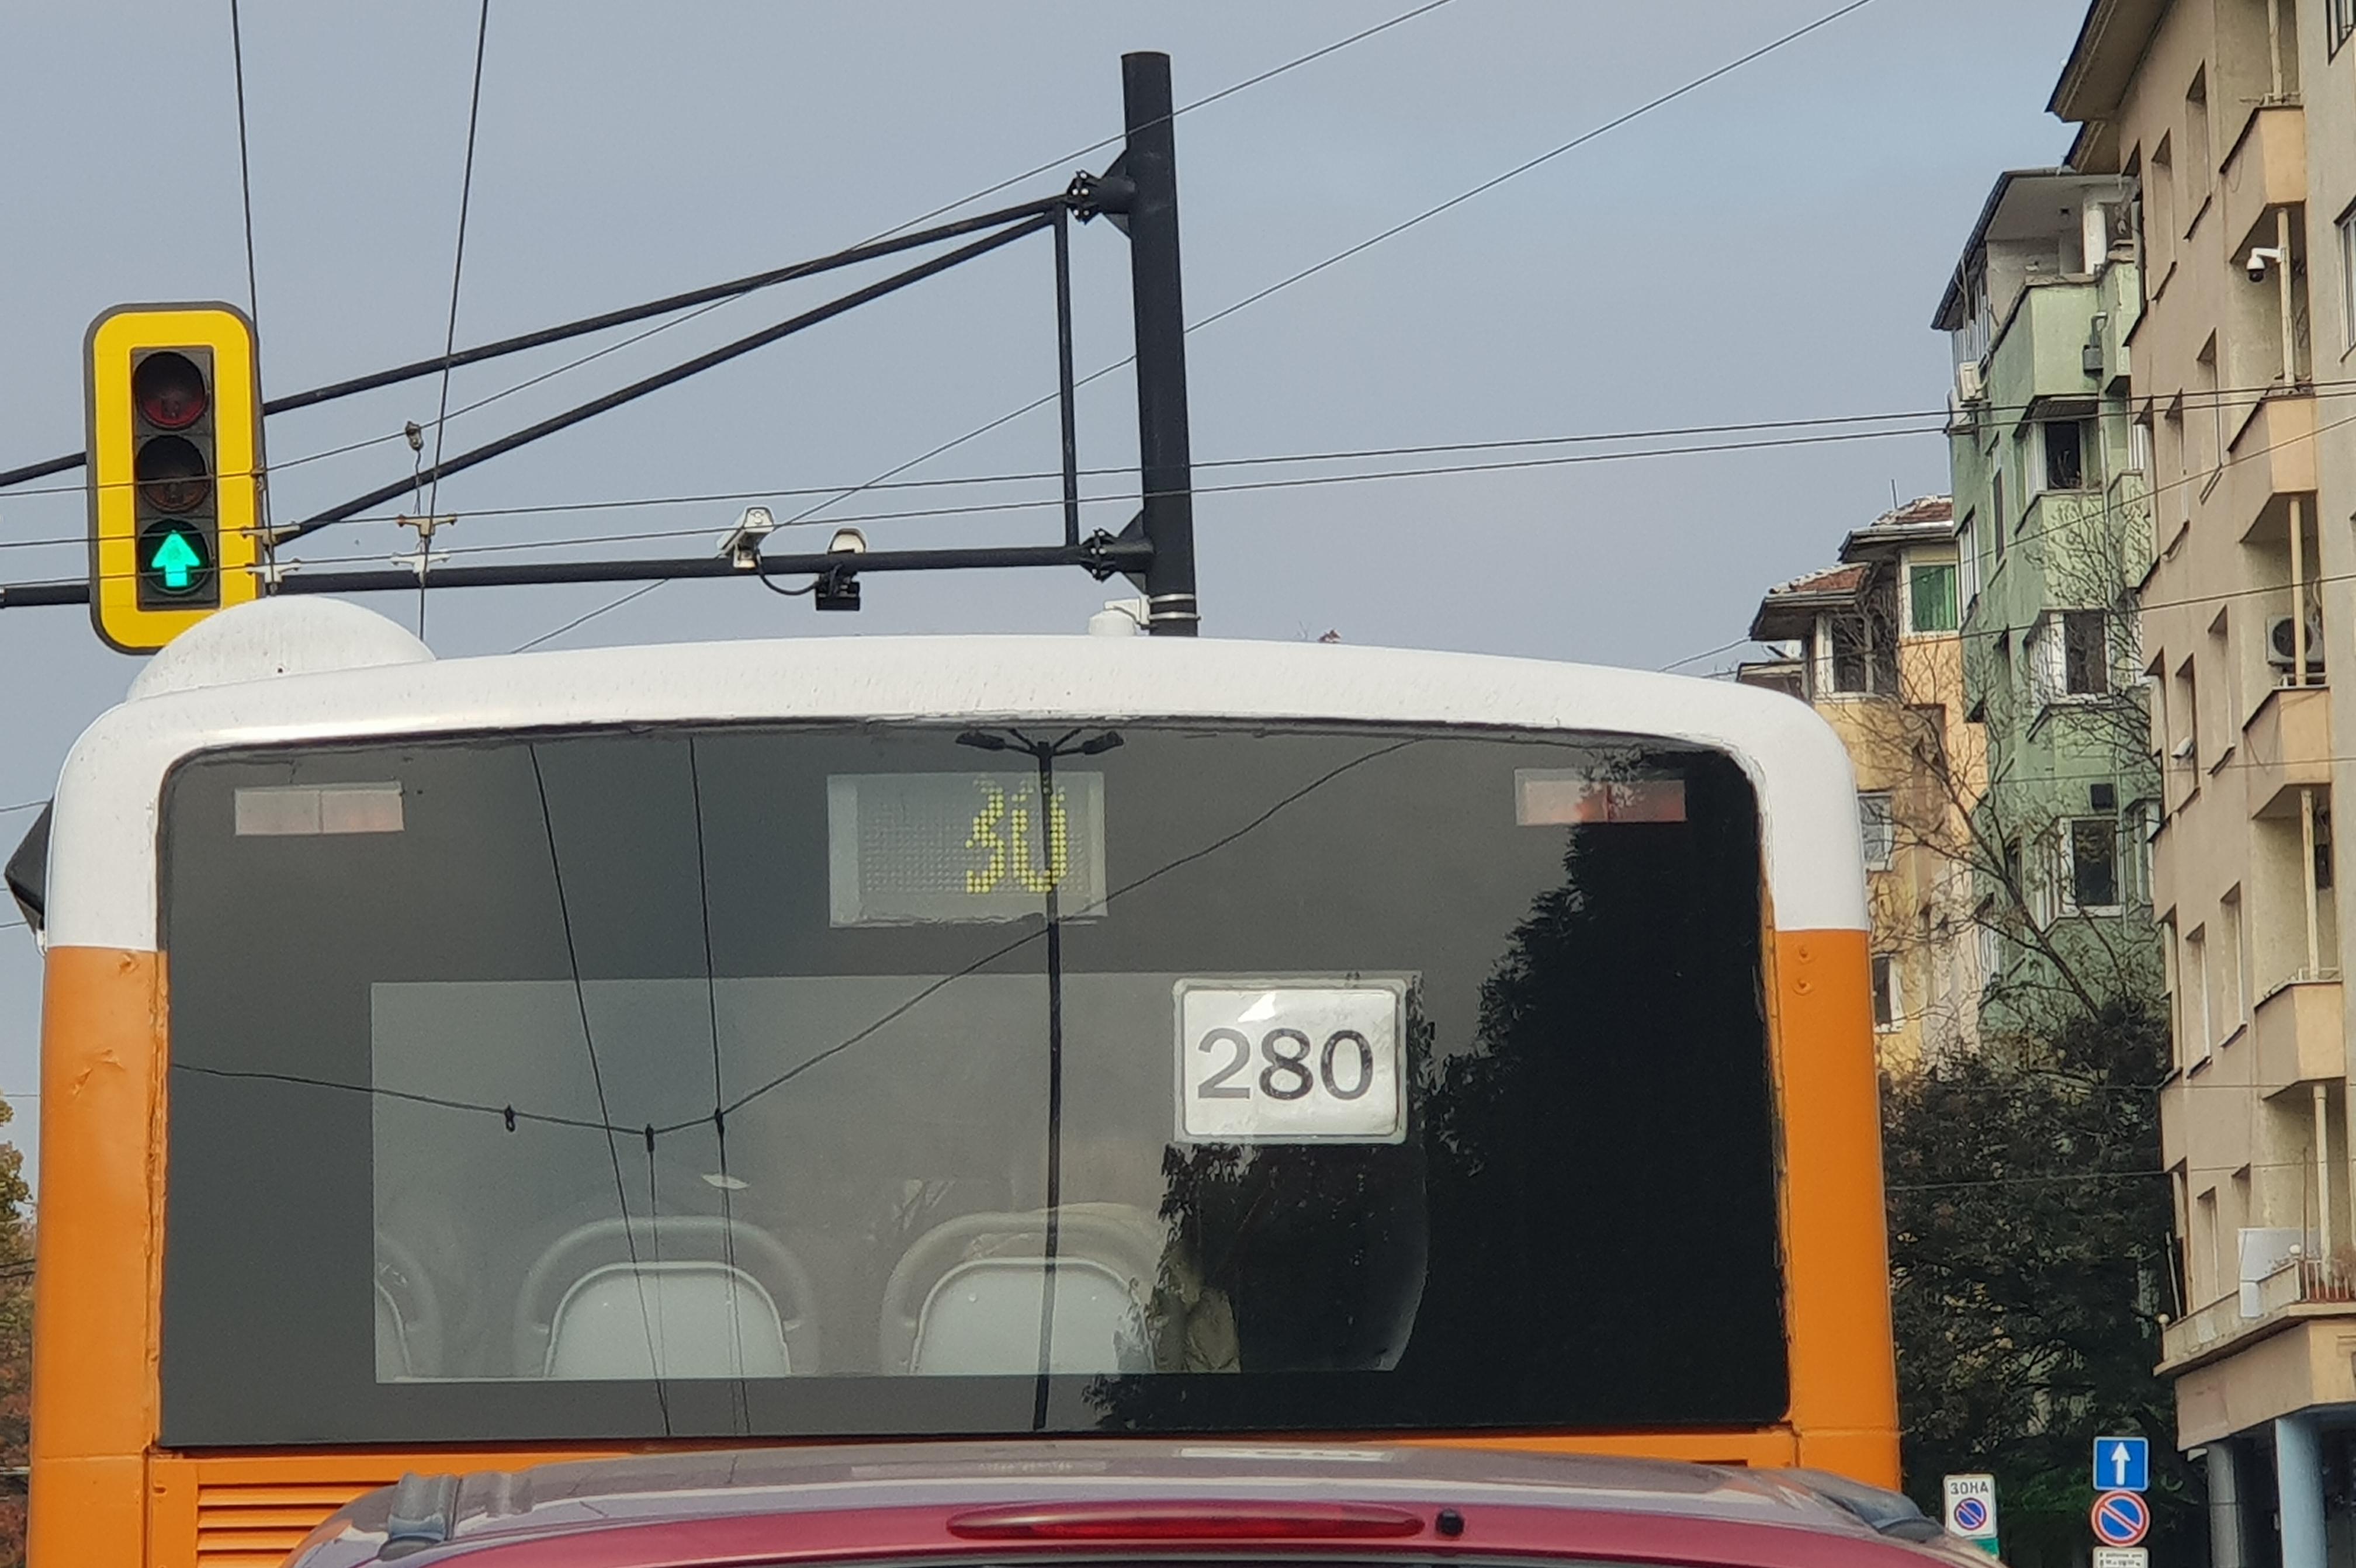 Автобус 280